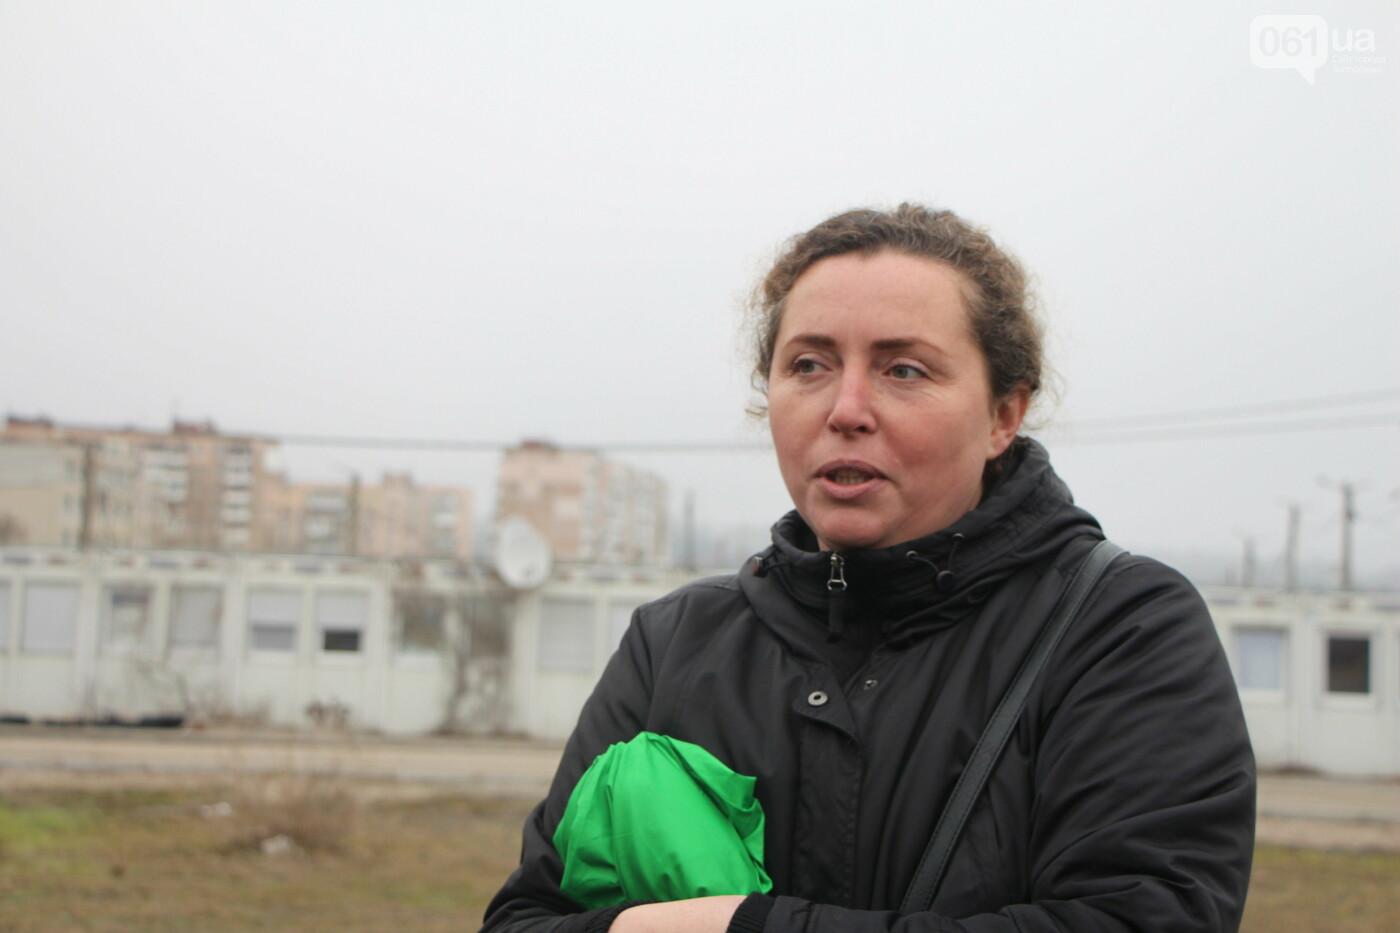 До Запоріжжя заїхав Автобус прав людини: ЛГБТ, люди з інвалідністю та модульне містечко (фото)